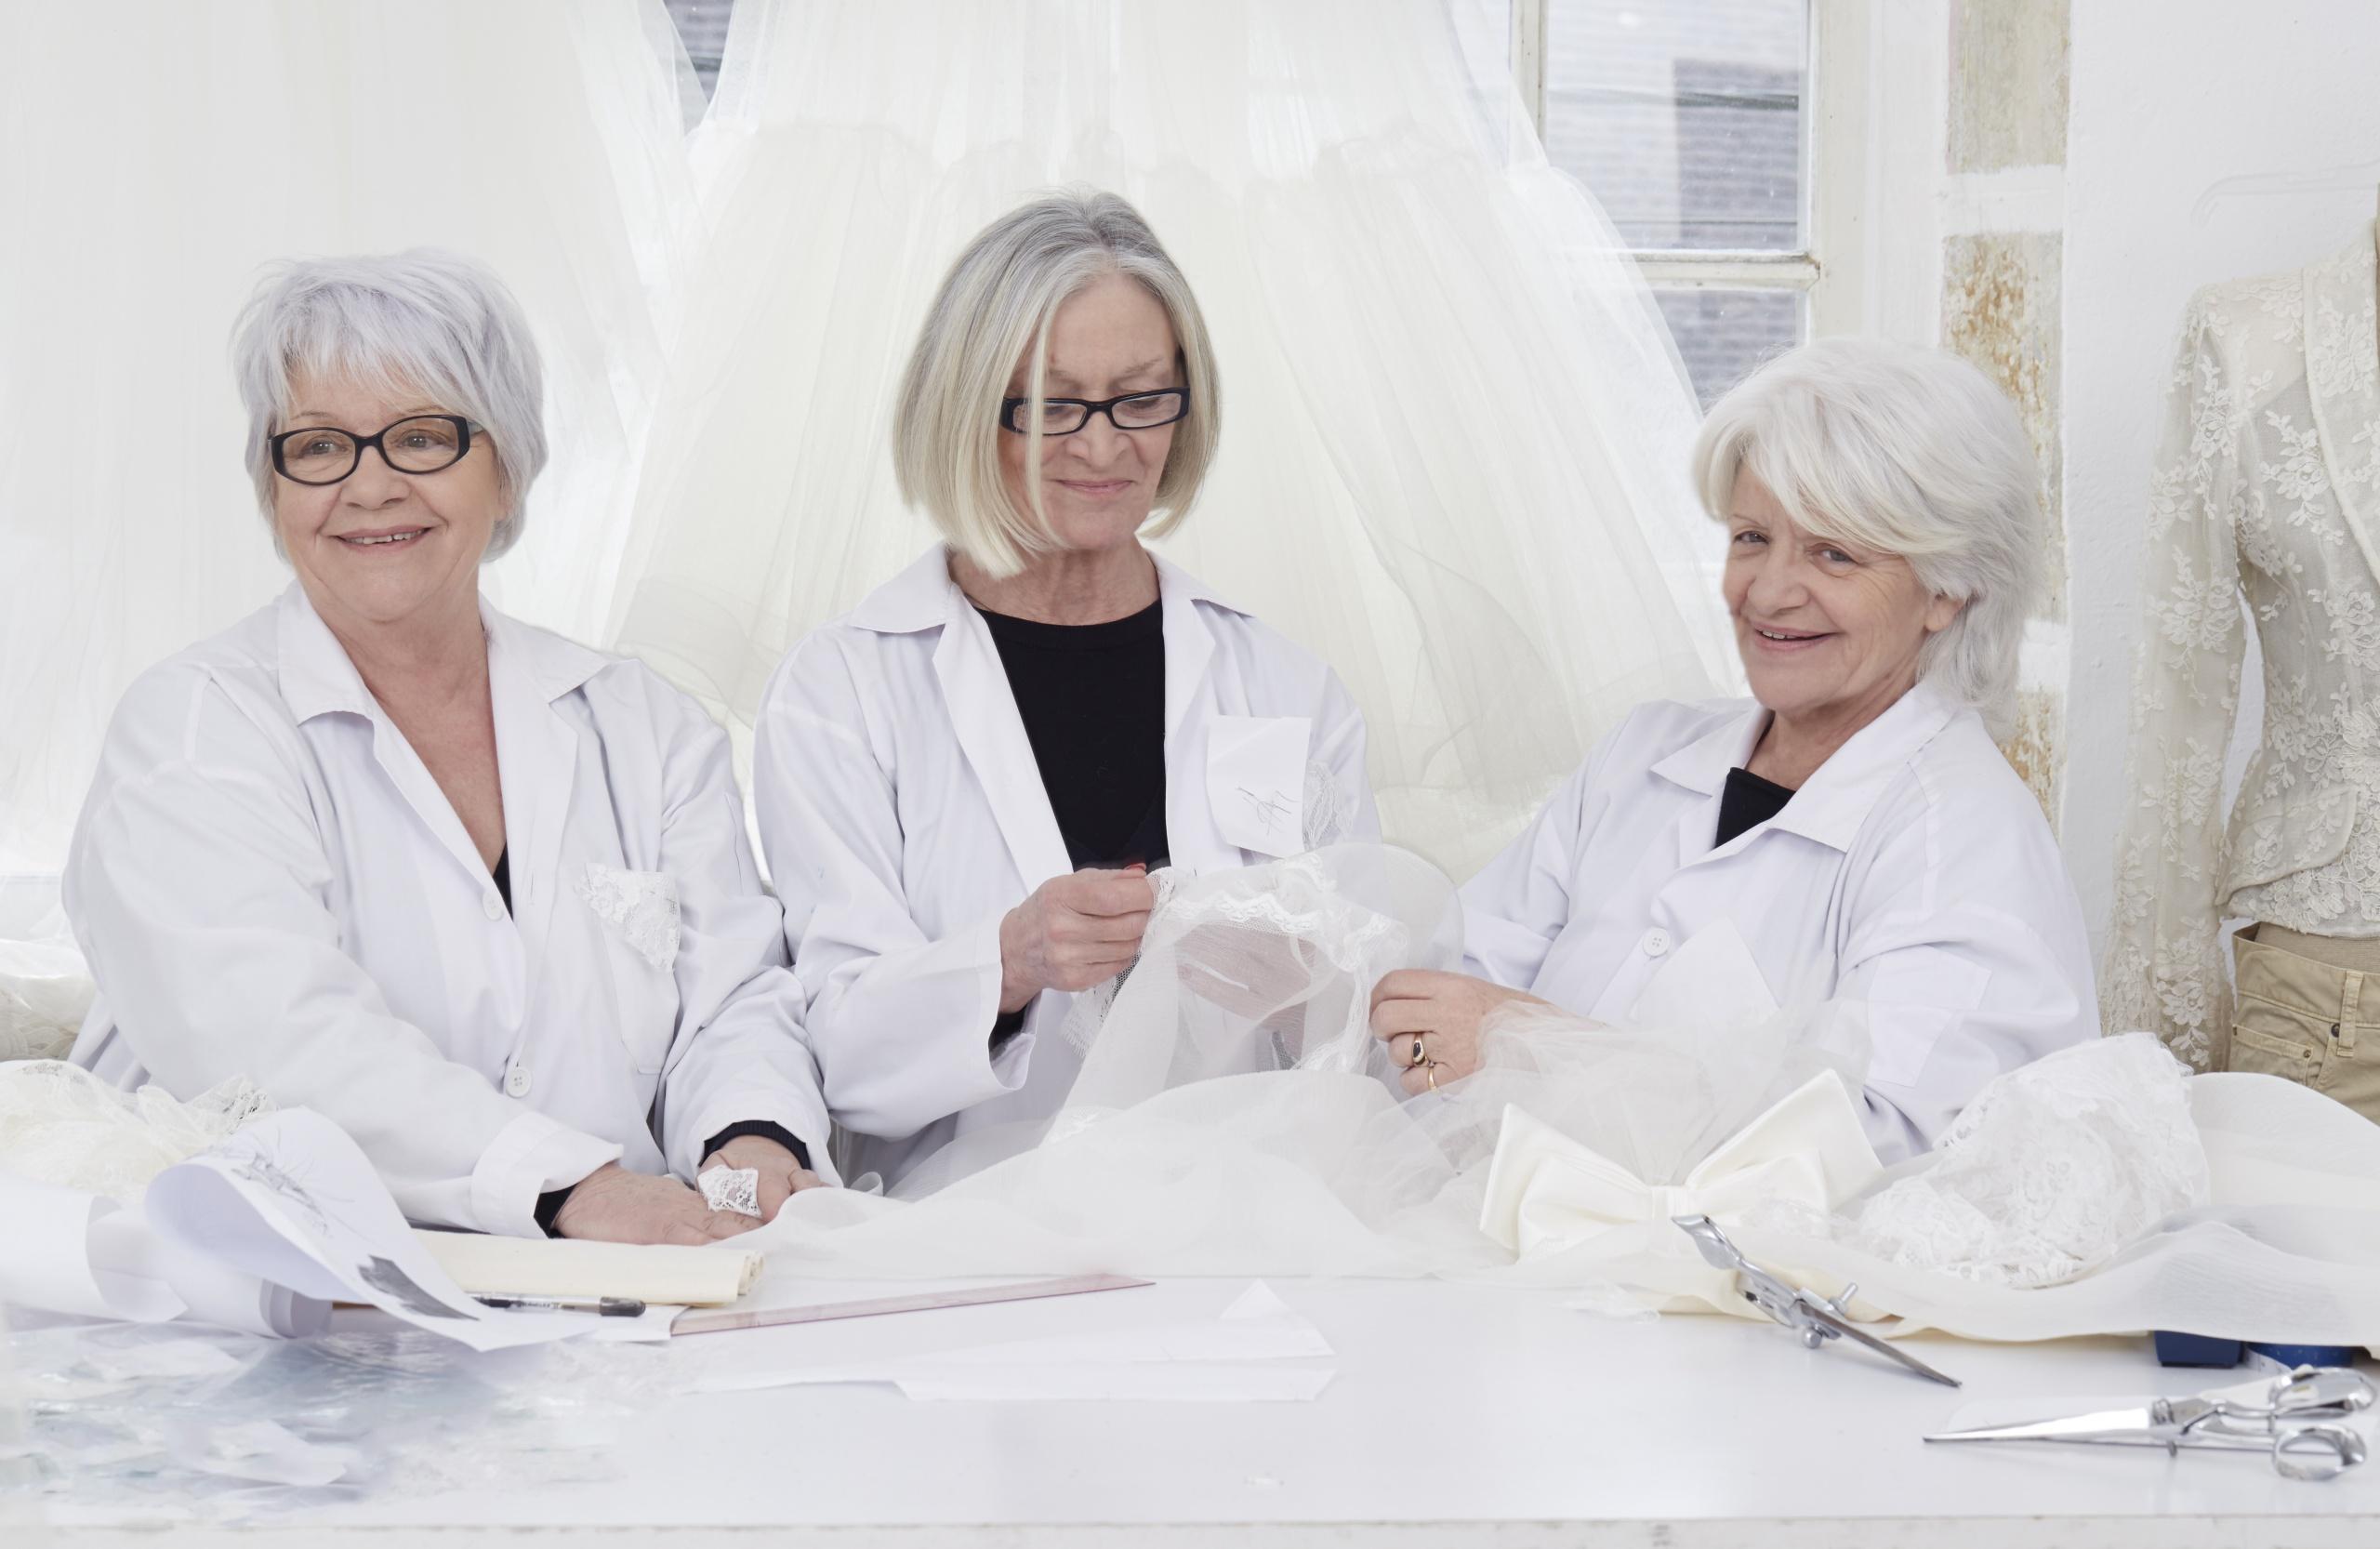 Blog #3 - Des robes de mariée aux masques et blouses: le défi solidaire